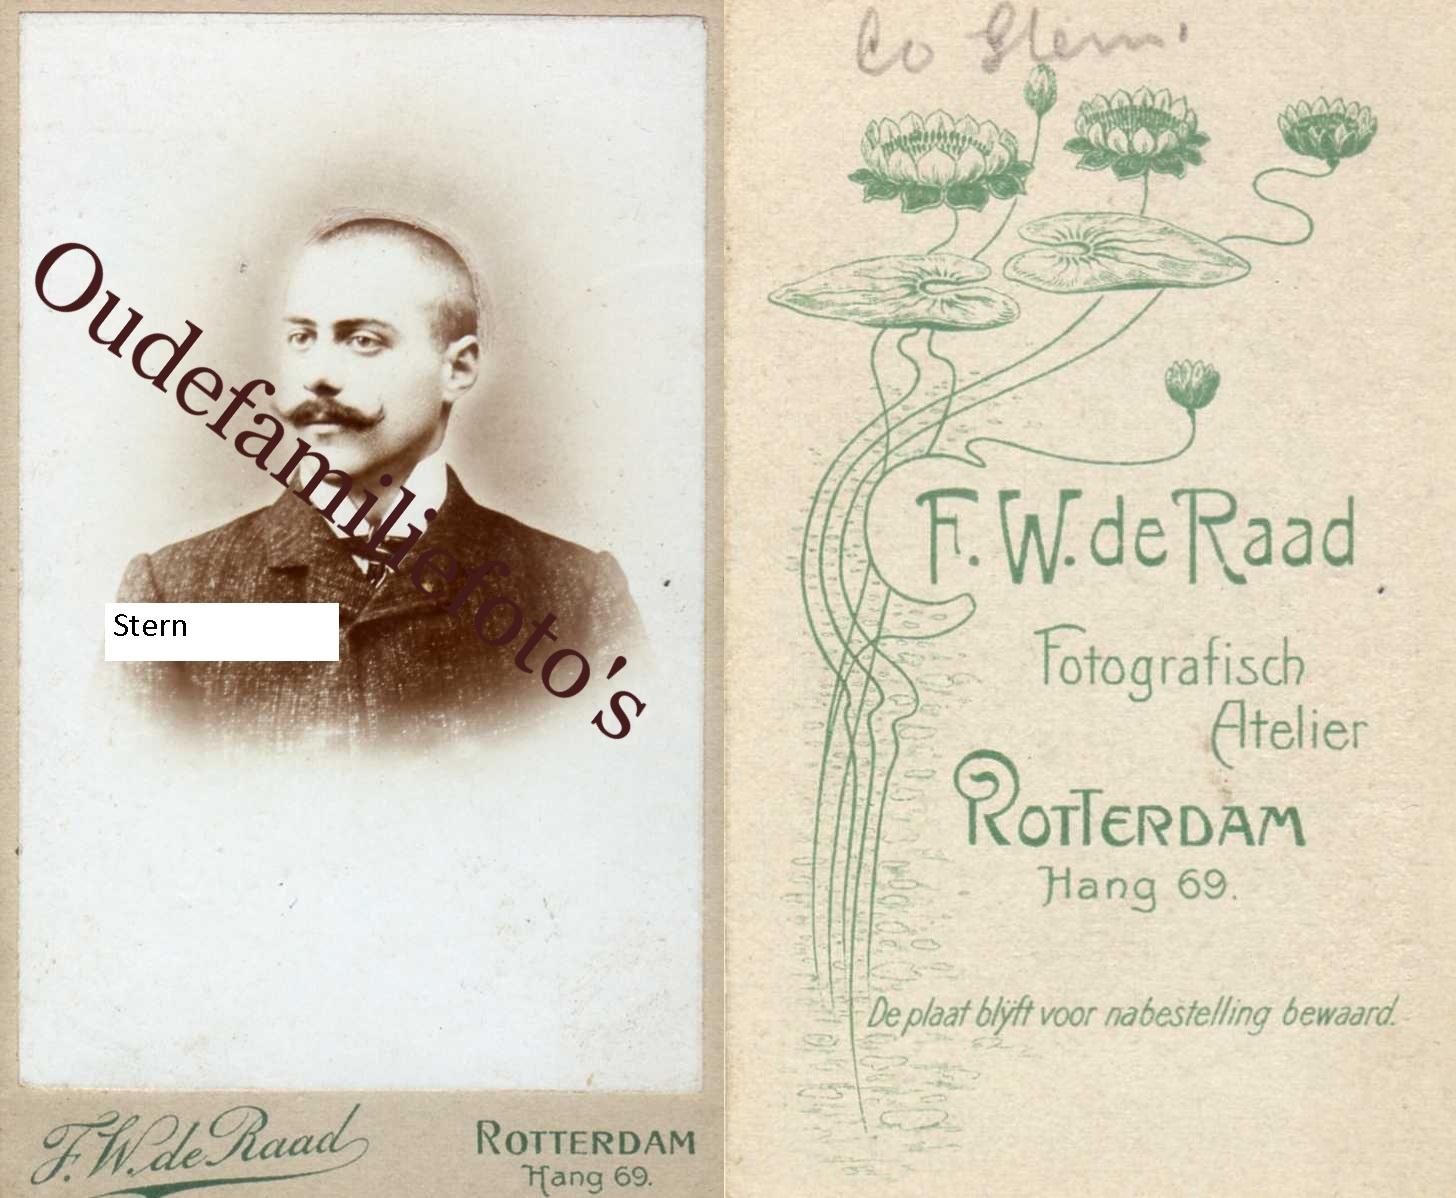 Stern, Coenelis Jacobus Lodewijk. Geb. 4-7-1879 Heille. Moeder Hennequin € 3,00